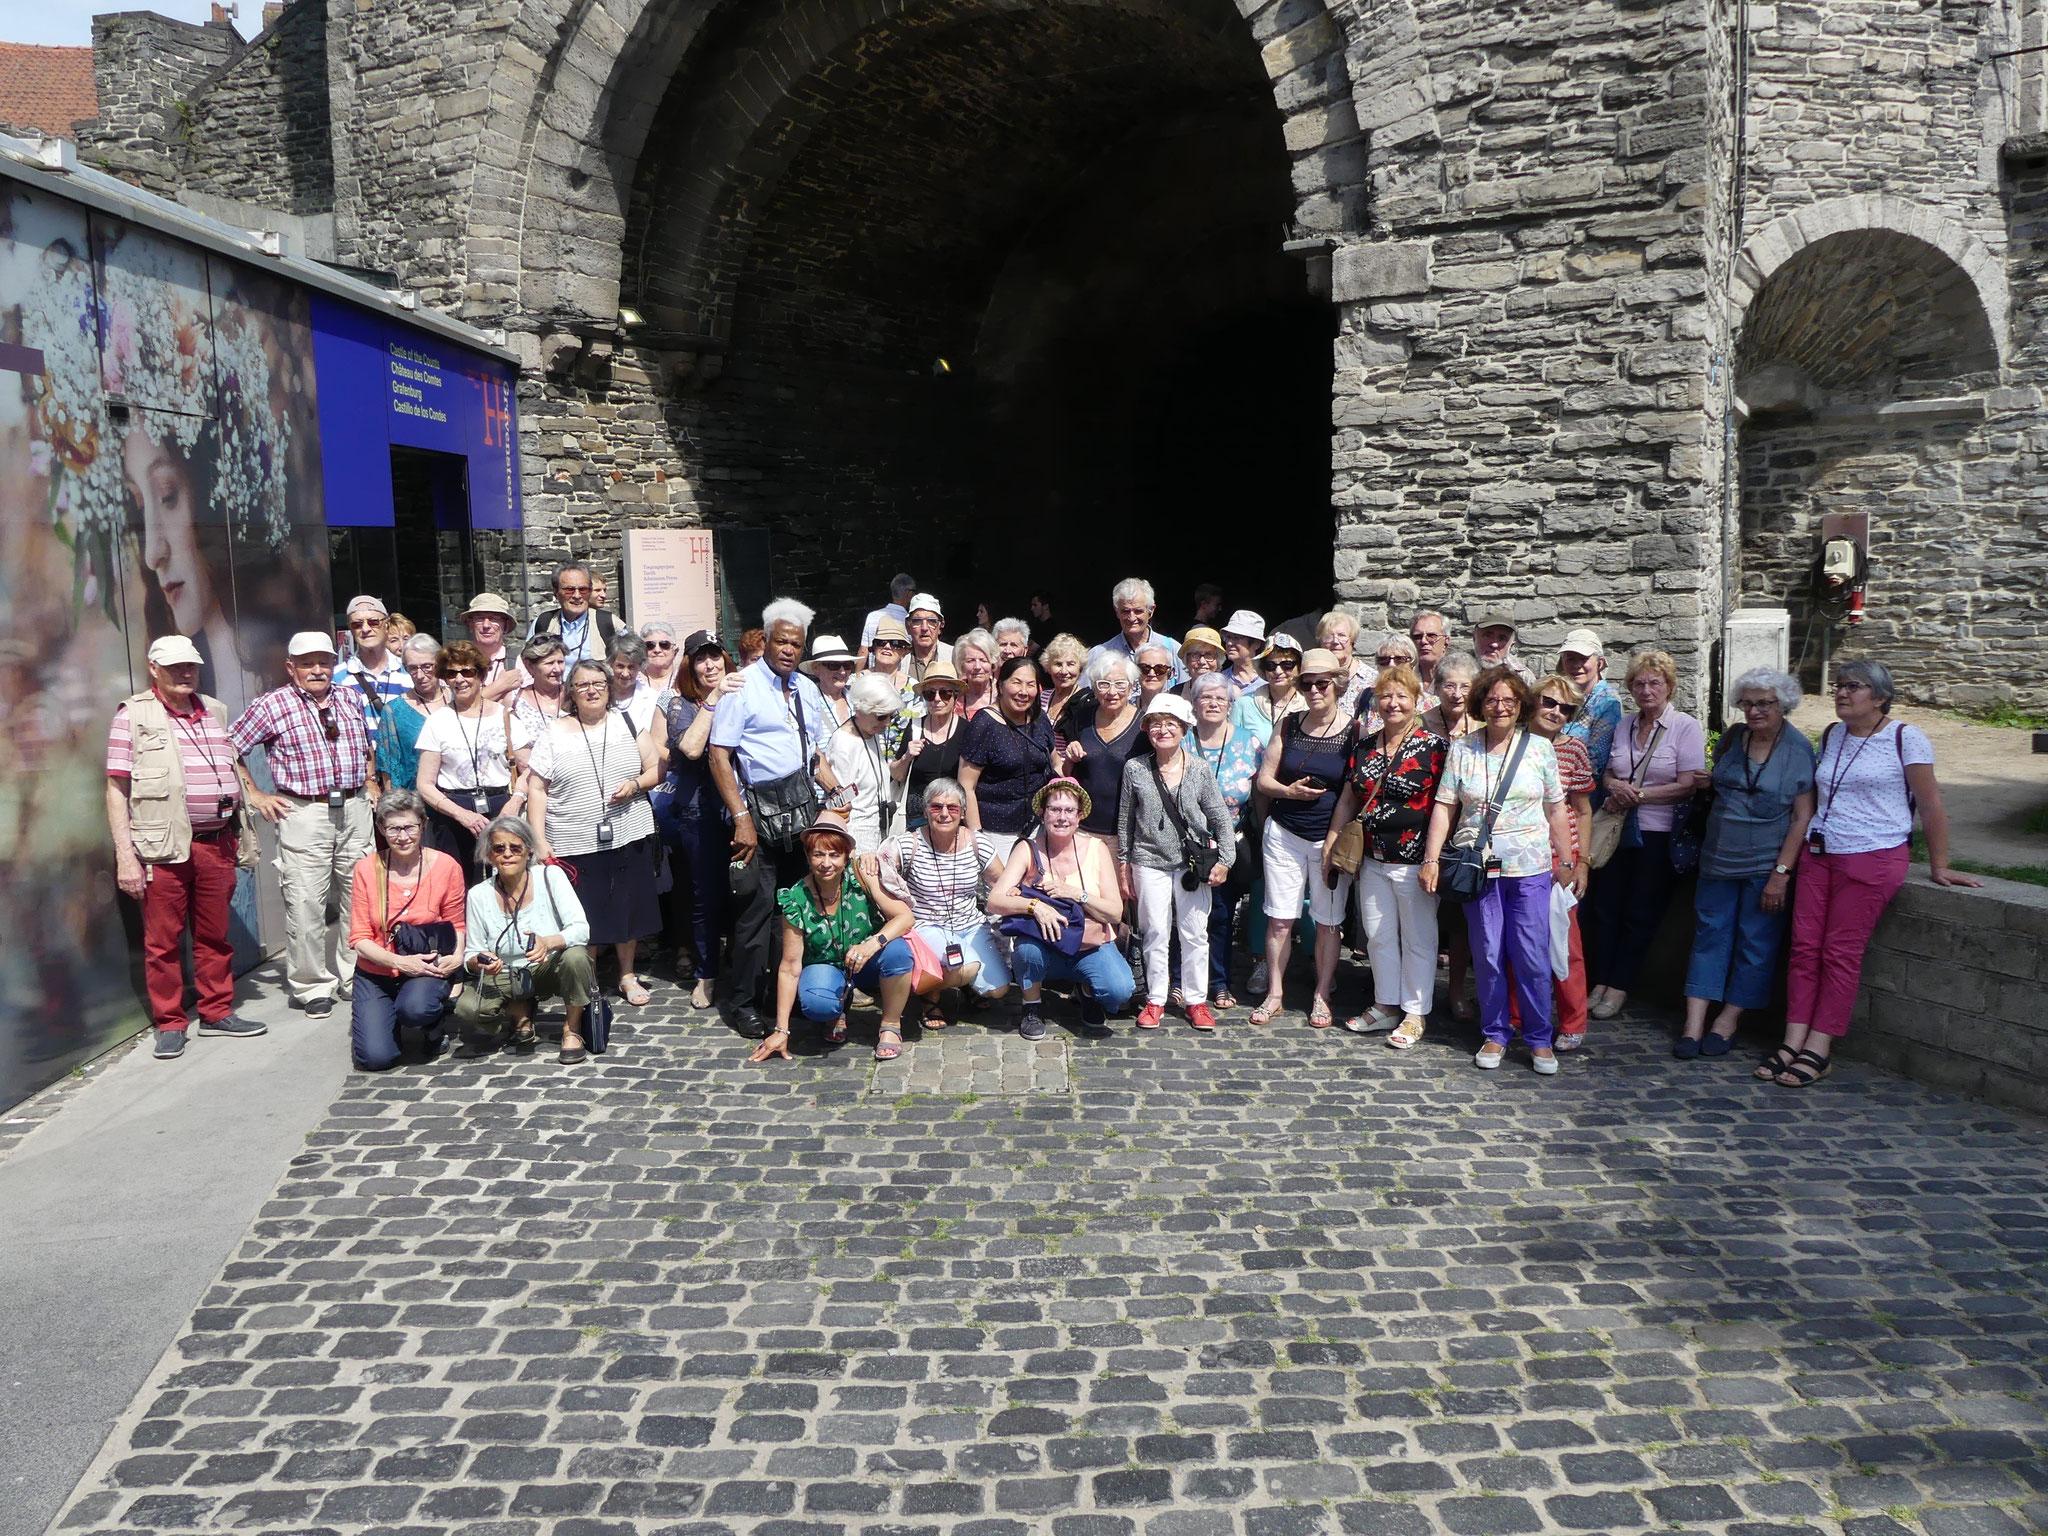 Notre groupe devant les remparts du château médiéval des comtes à Gand